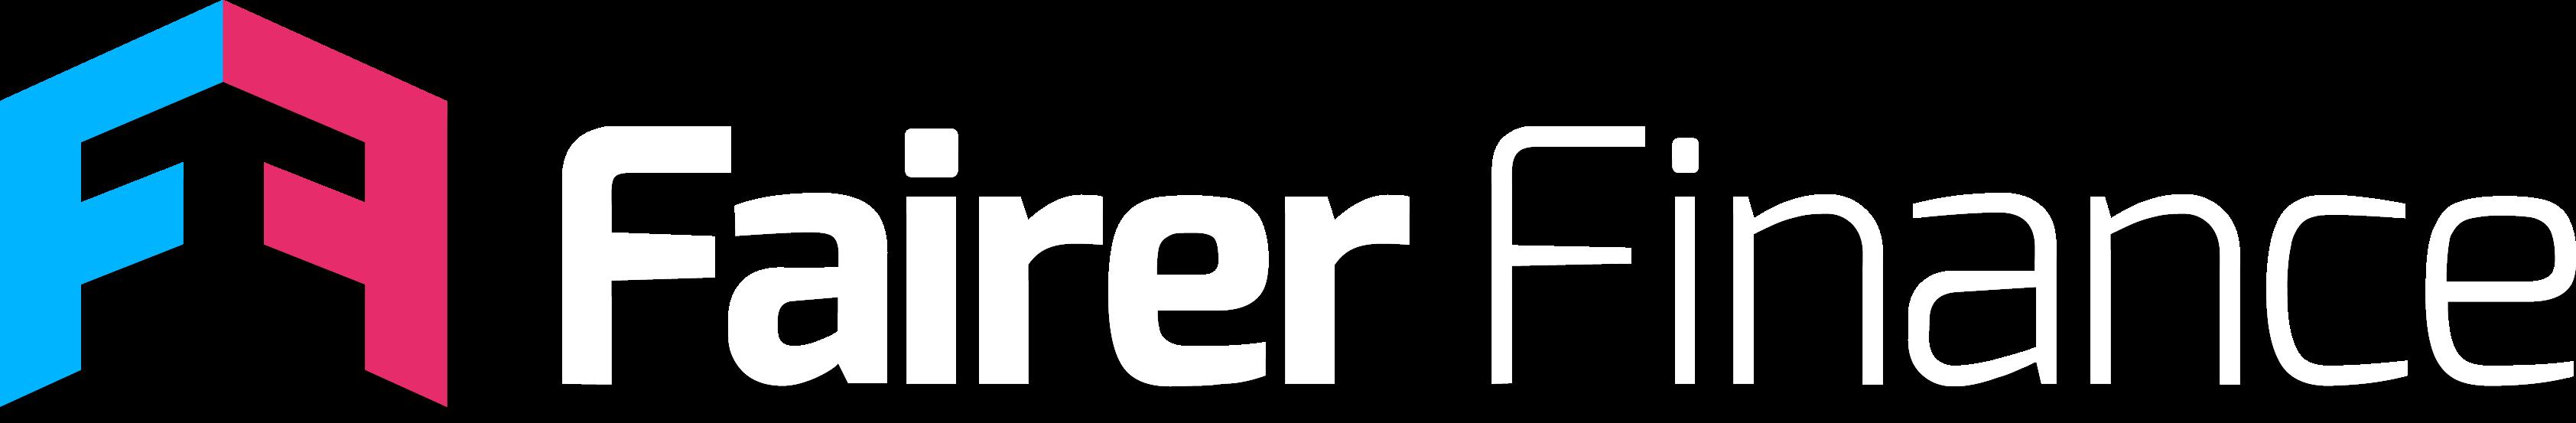 Fairer Finance